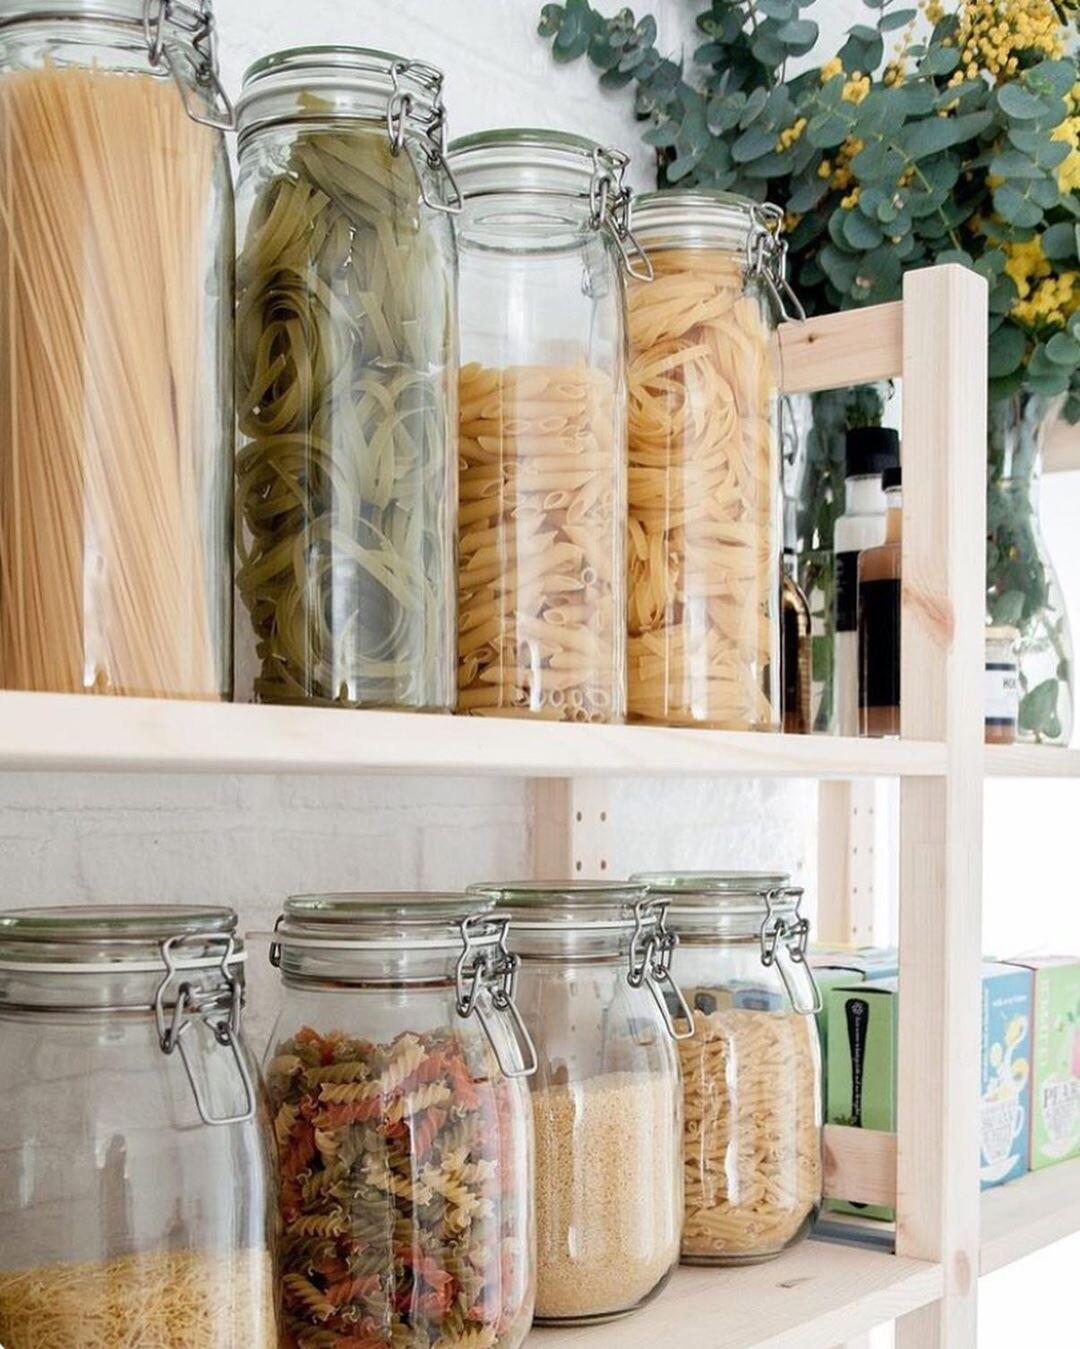 Кухня без хлама: 5 лайфхаков, как избавиться от всего лишнего без генеральной уборки